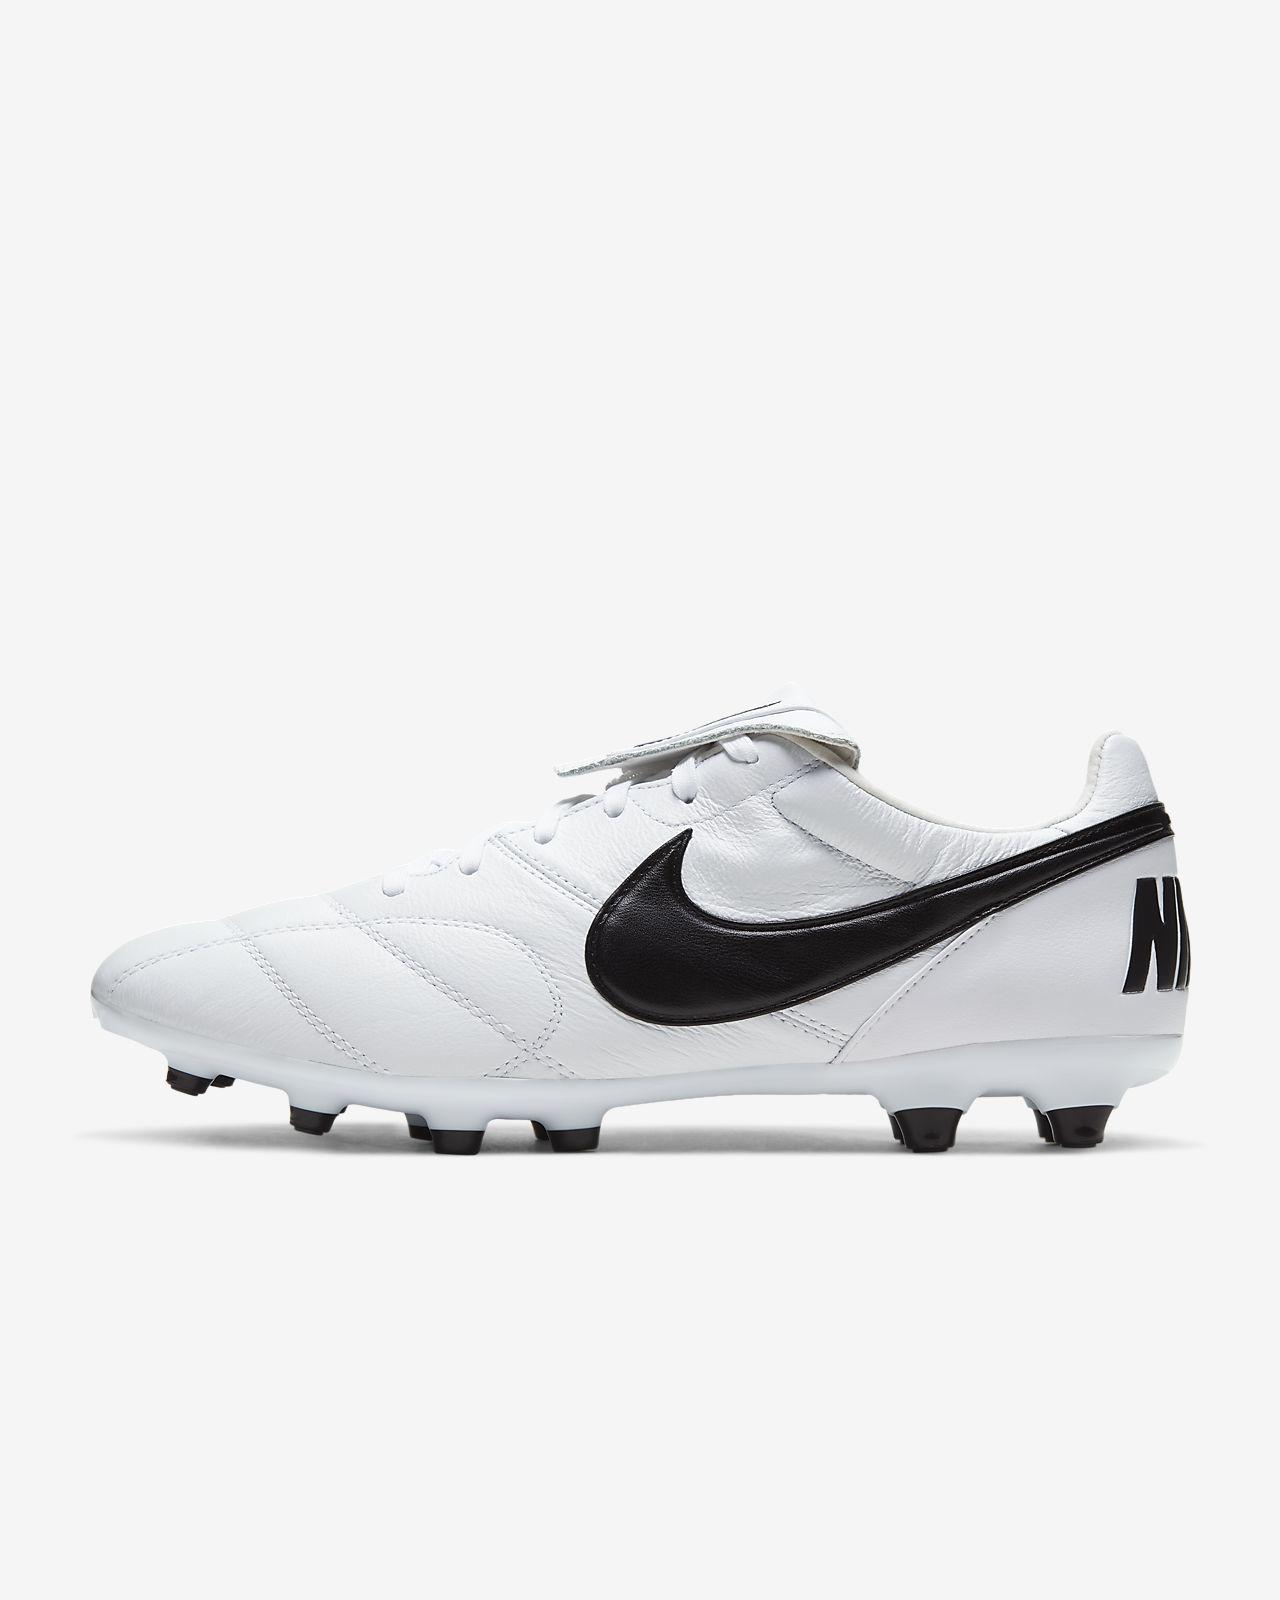 Футбольные бутсы для игры на твердом грунте Nike Premier II FG